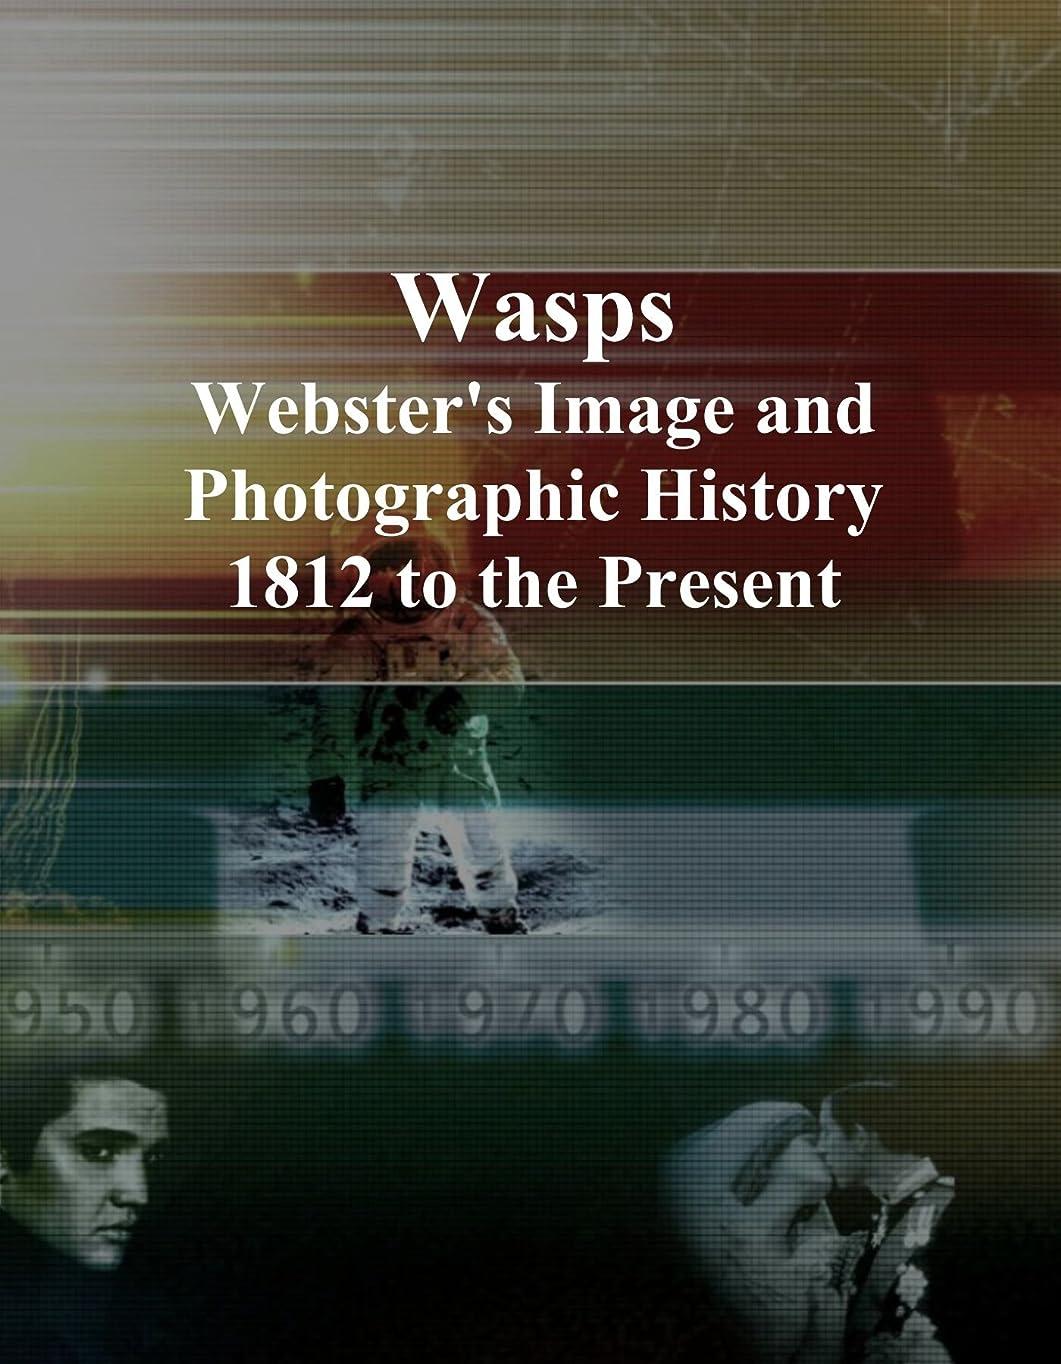 絶滅した慢性的隣接Wasps: Webster's Image and Photographic History, 1812 to the Present